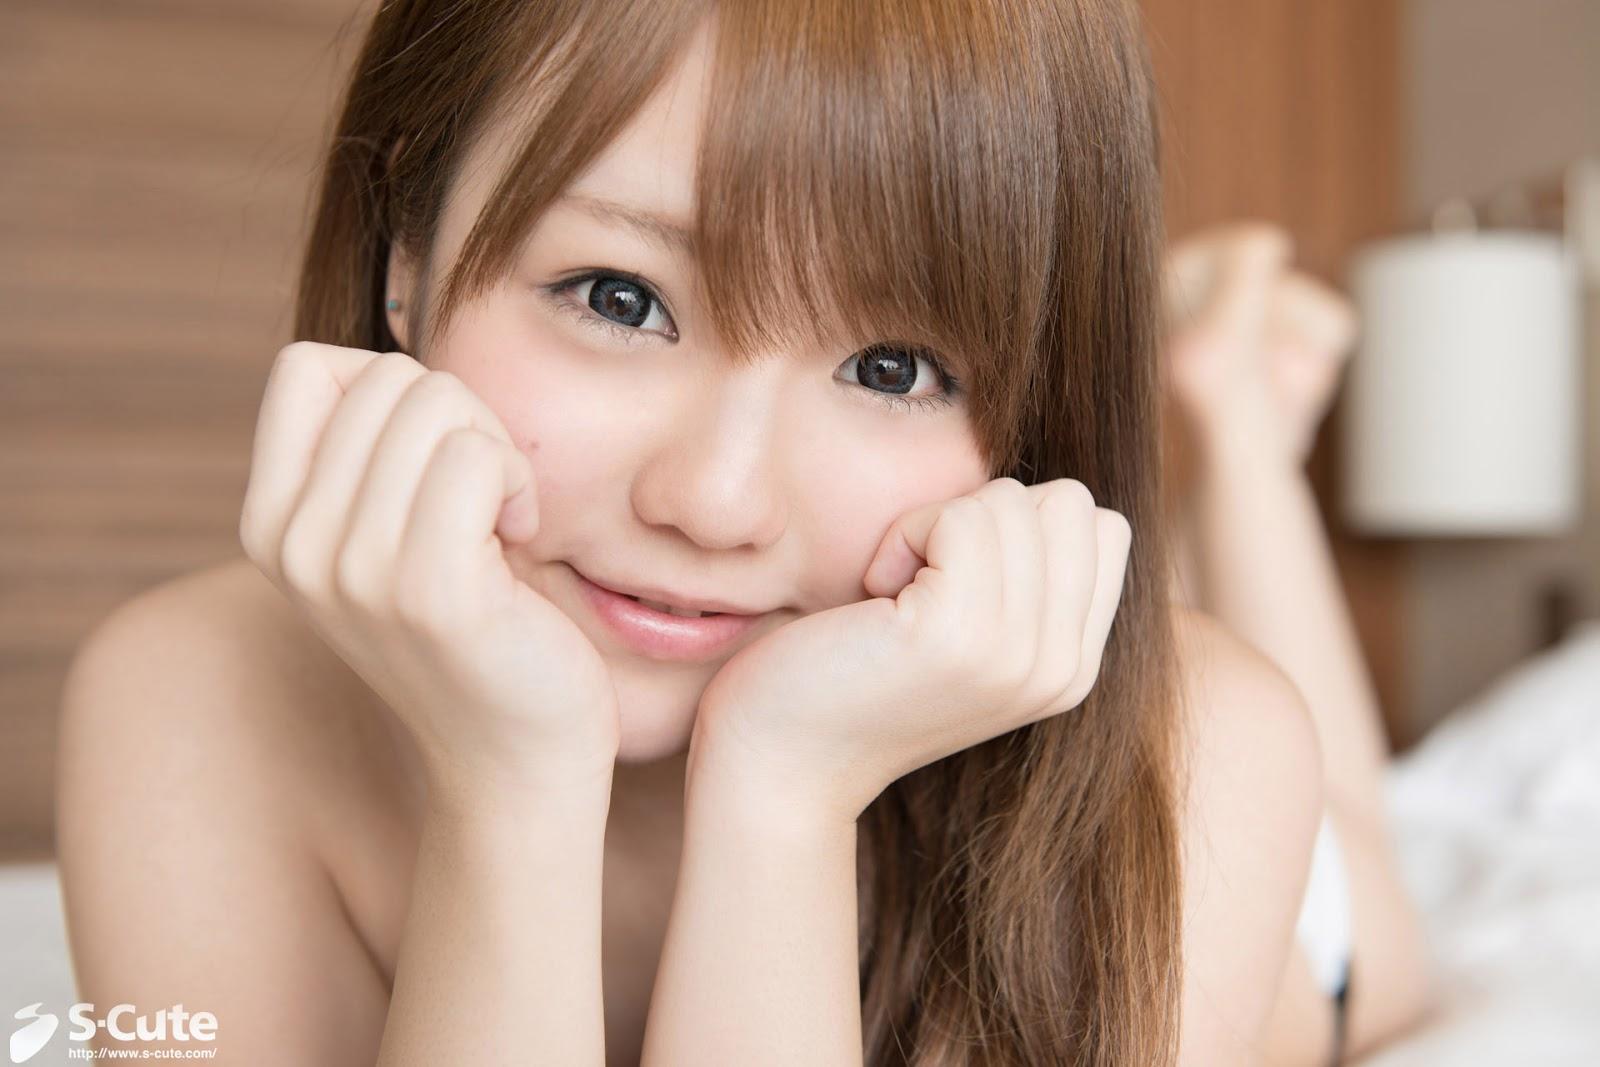 ♡半額セール♡無修正♡巨乳ギャル中出し④♡1500円→750円♡